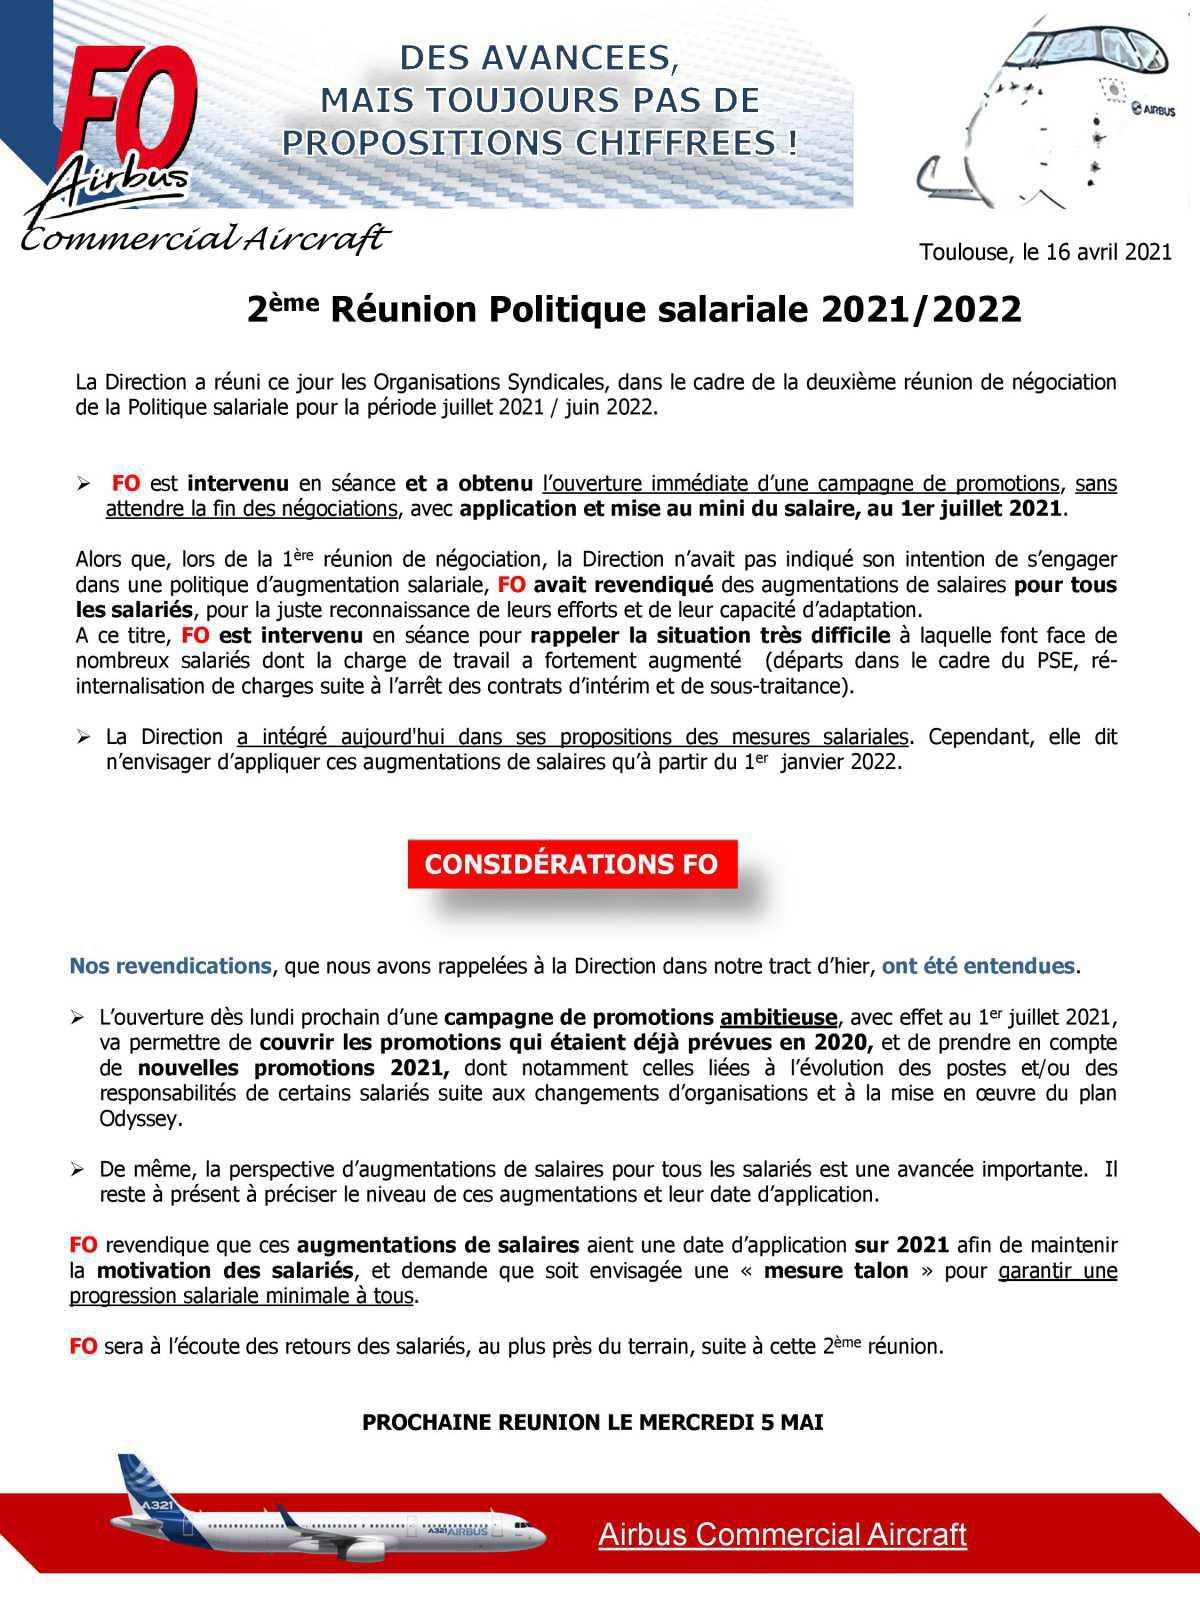 2eme réunion politique salariale 2021/2022